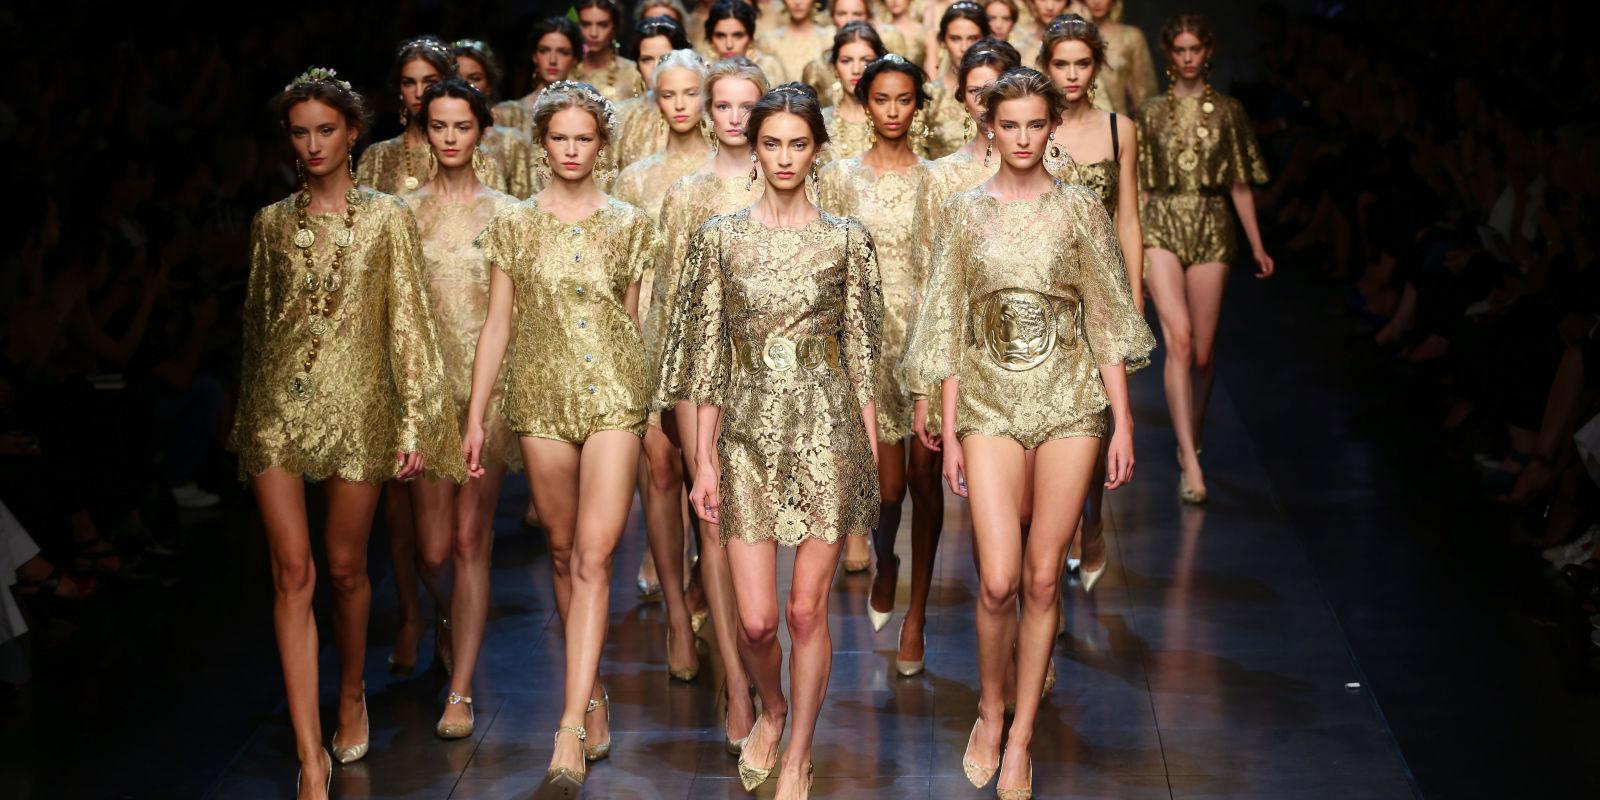 France Ban on Skinny Models